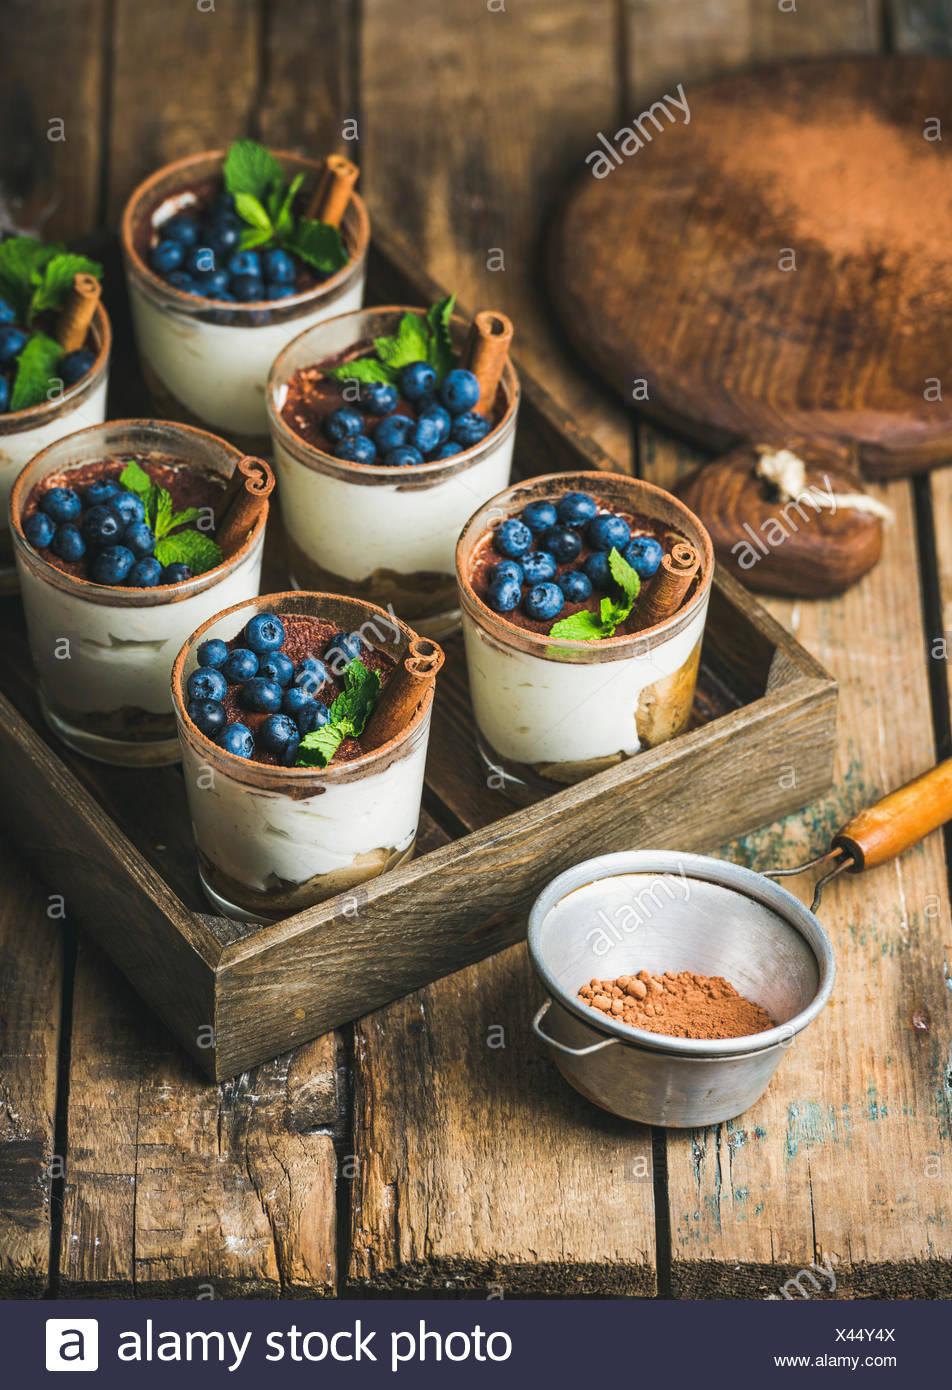 Dessert Tiramisu fait maison dans les verres avec de la cannelle, de la menthe et de bleuets frais dans le bac en bois et la grille avec de la poudre de cacao plus de r Photo Stock